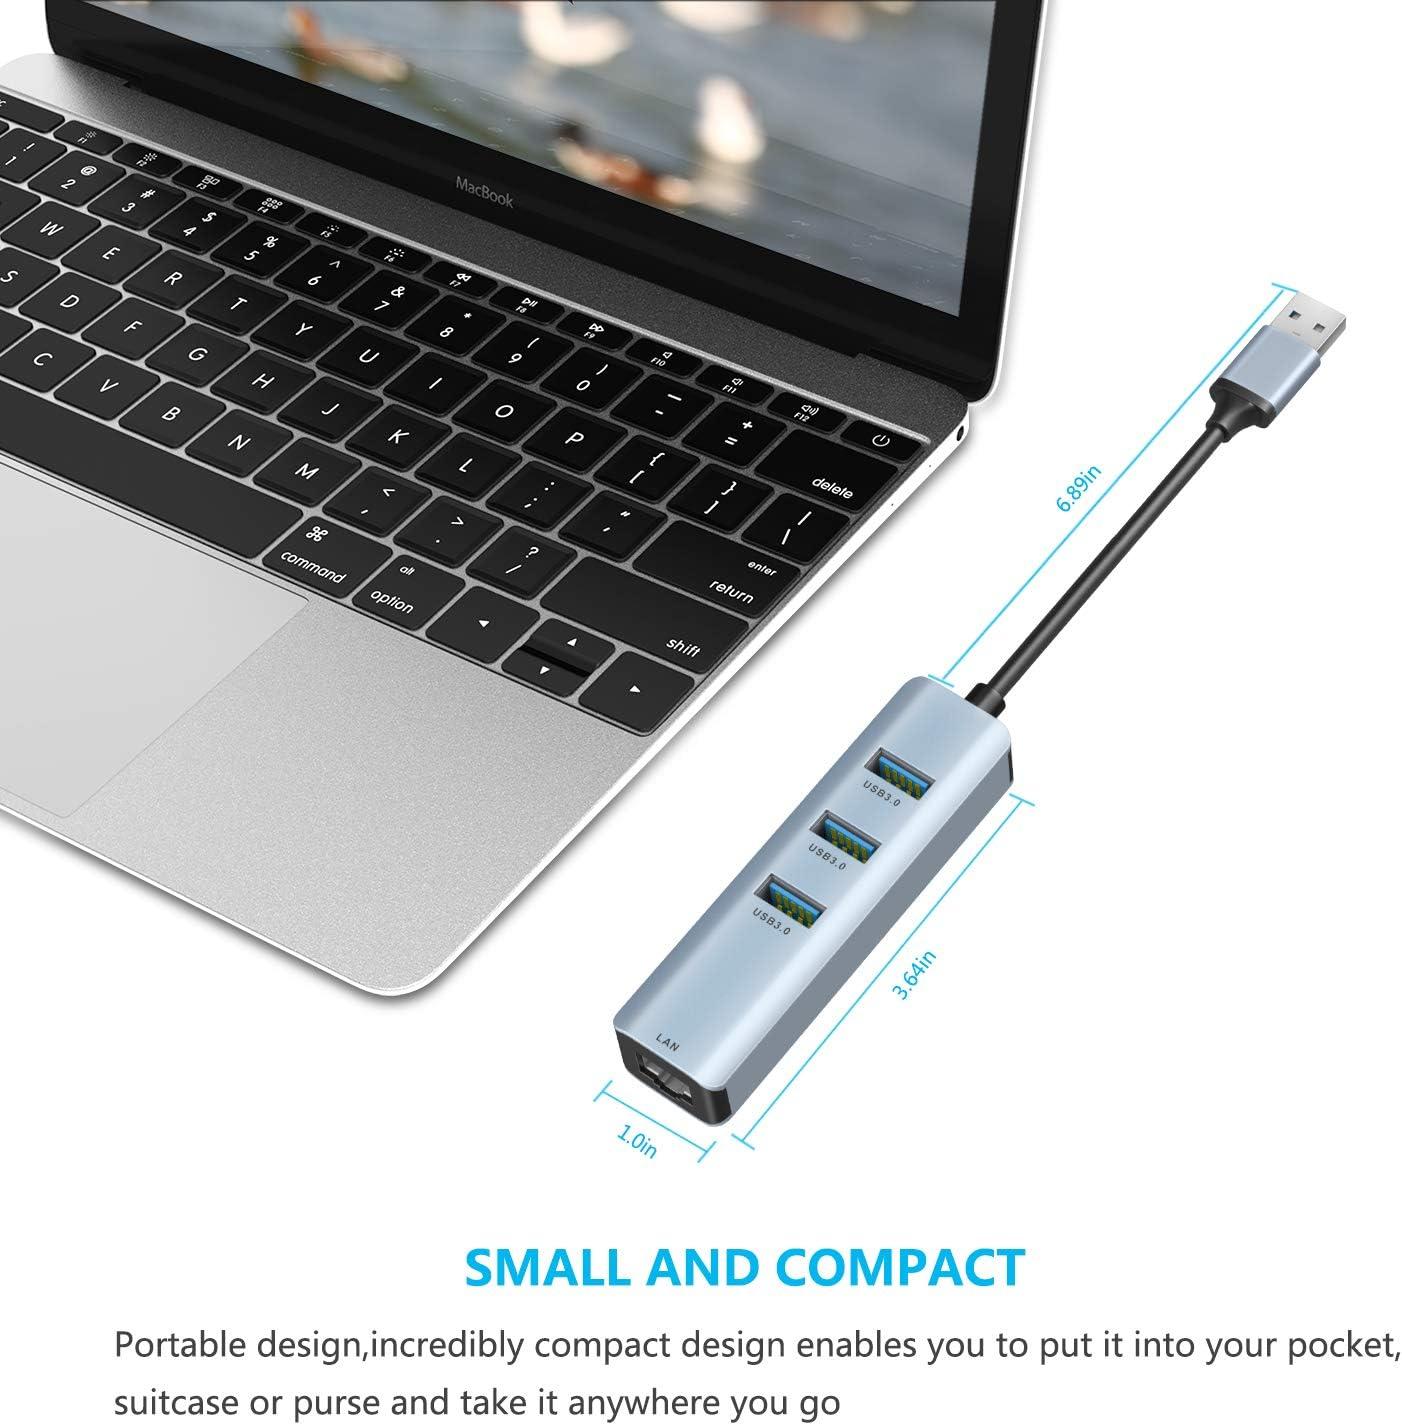 ABLEWE Hub USB 3.0 Ethernet Adaptador,USB 3.0 4 Puertos de Datos Aluminio USB Data Hub Tarjeta Red LAN RJ45 Gigabit Network para MacBook Pro XPS,etc Surface Pro iMac